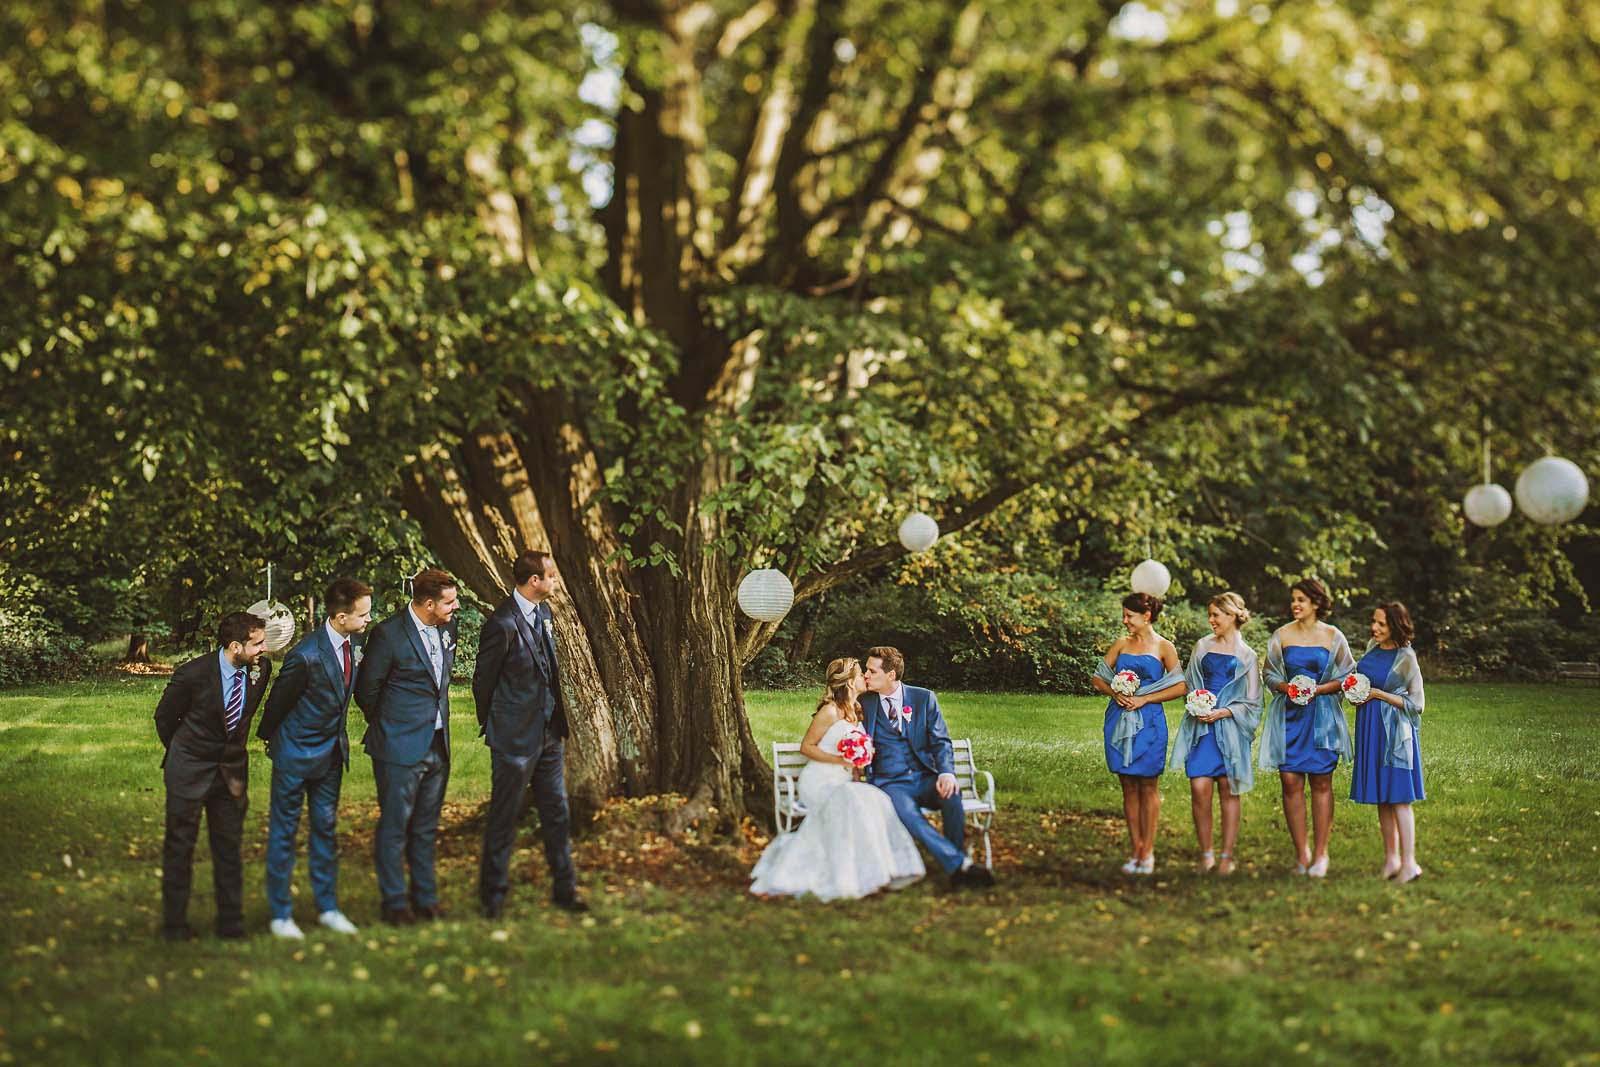 Hochzeitsfotograf fotografiert Gruppenfoto auf Hochzeit Copyright by Hochzeitsfotograf www.berliner-hochzeitsfotografie.de